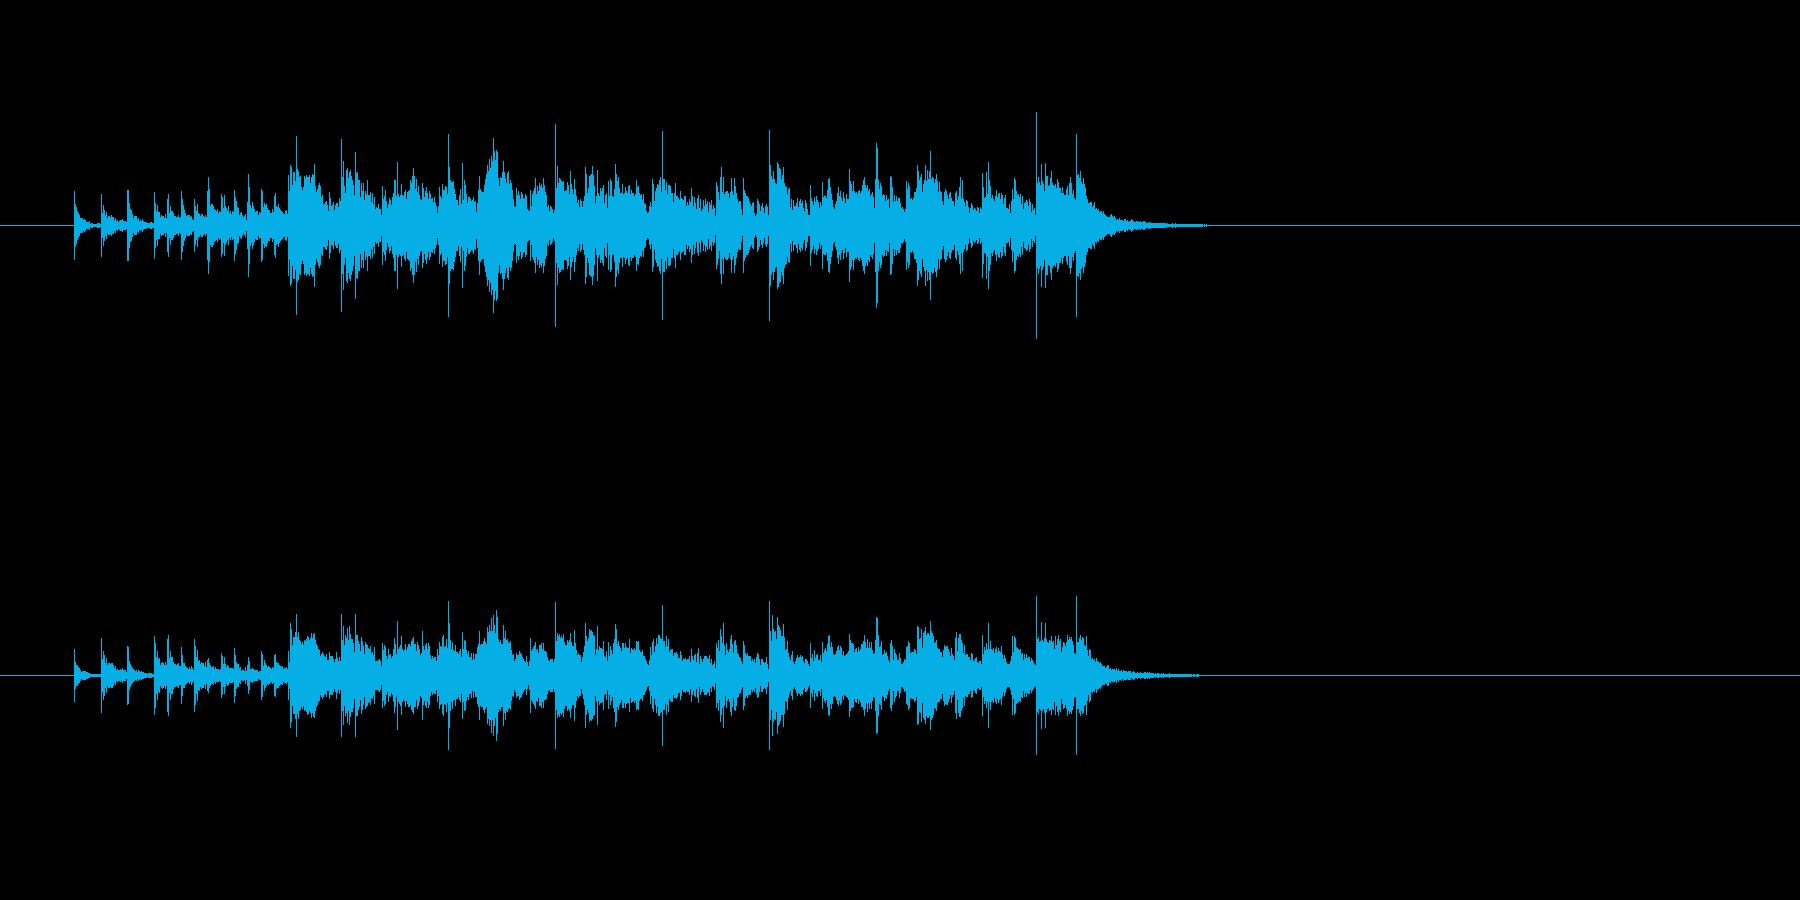 ジングル(エレクトリック・ファンク)の再生済みの波形